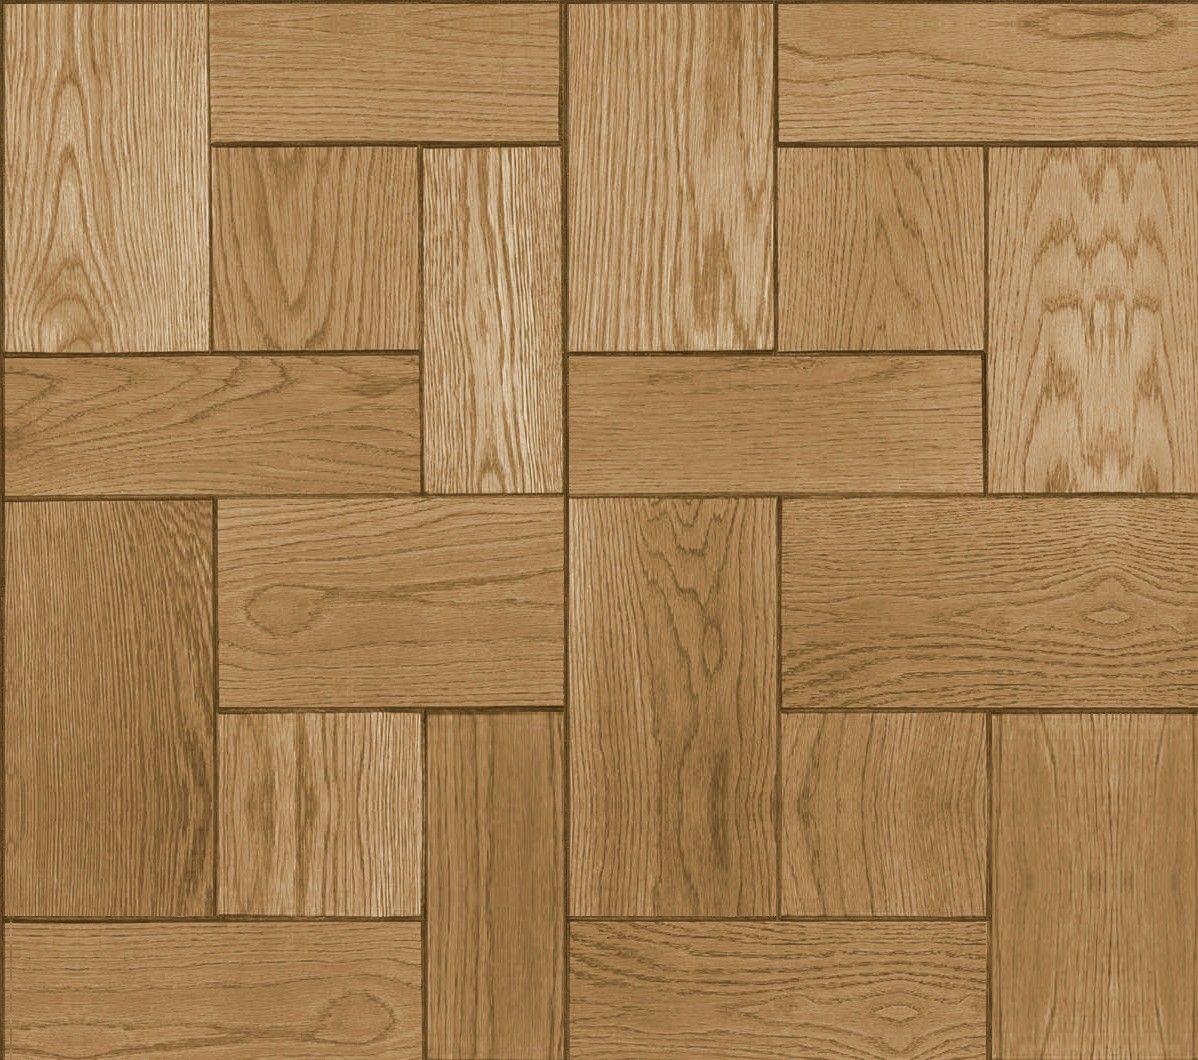 Wood floor texture sketchup warehous Wood floor texture